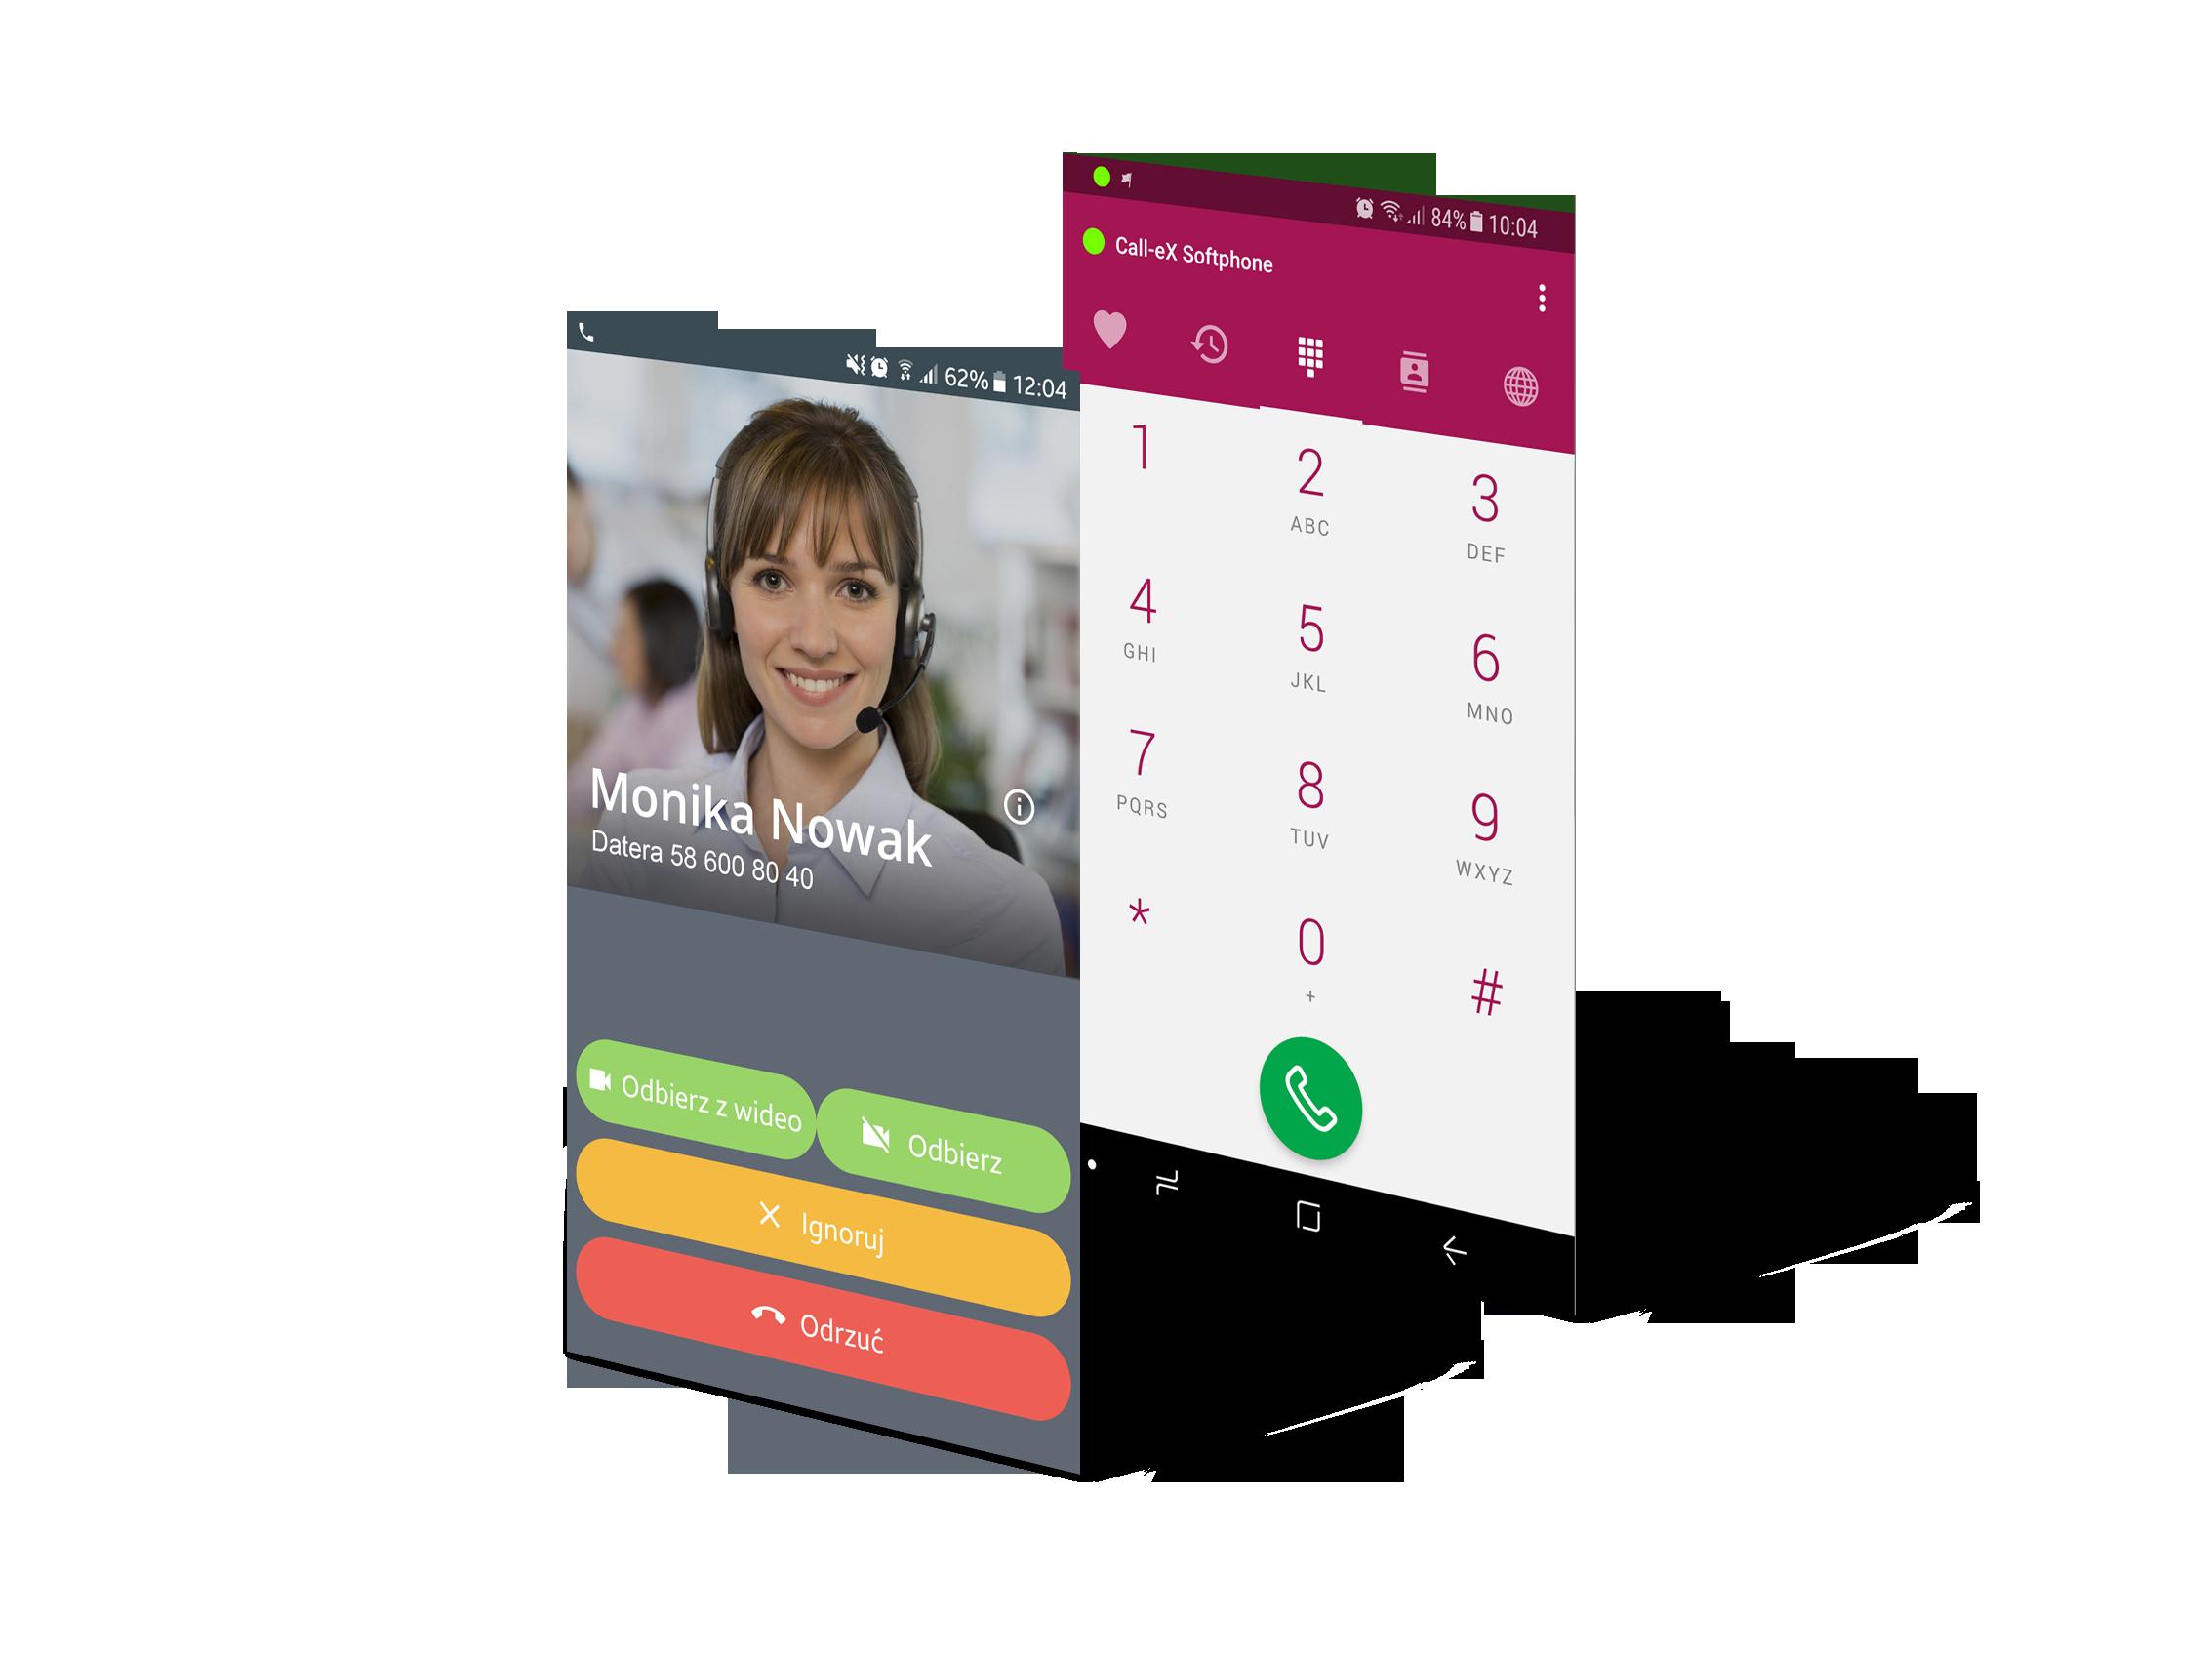 Ekrany aplikacji Call-eX Softphone